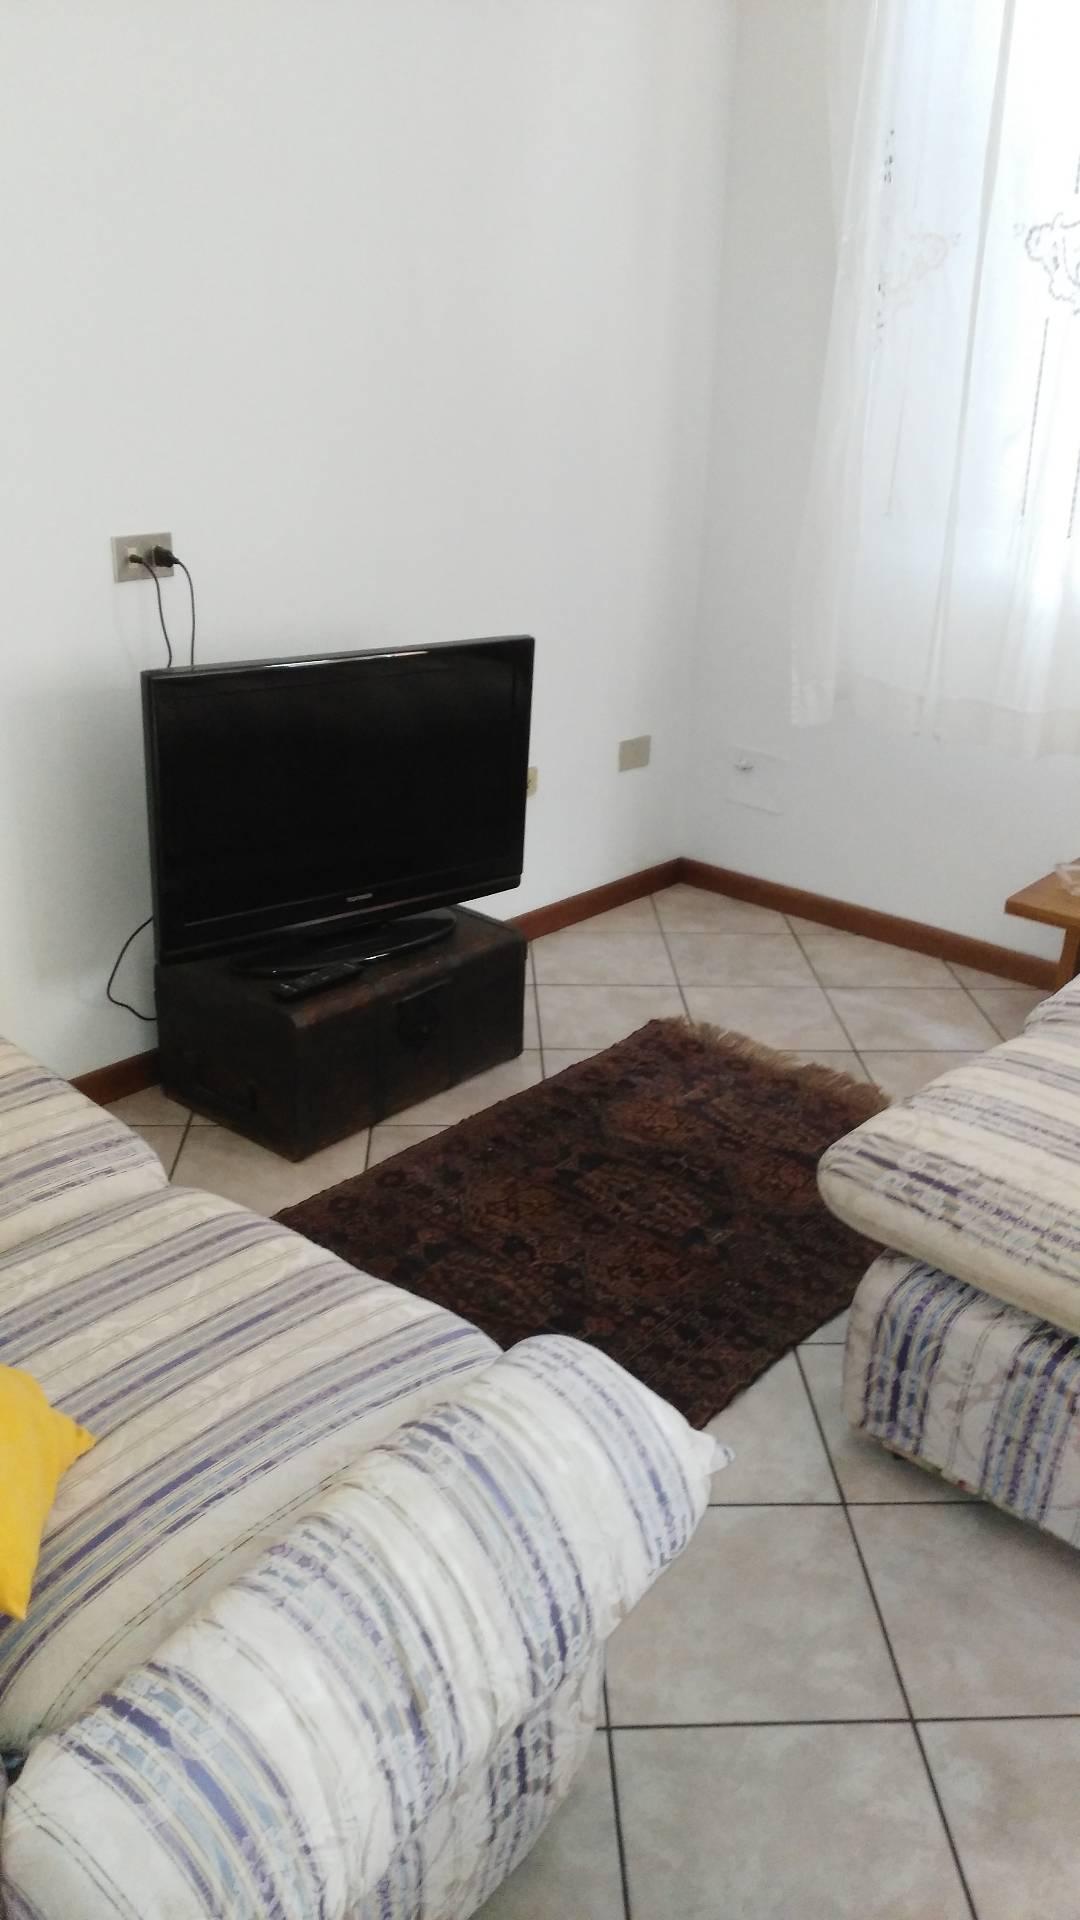 Appartamento in affitto a Bagnacavallo, 4 locali, prezzo € 500   CambioCasa.it